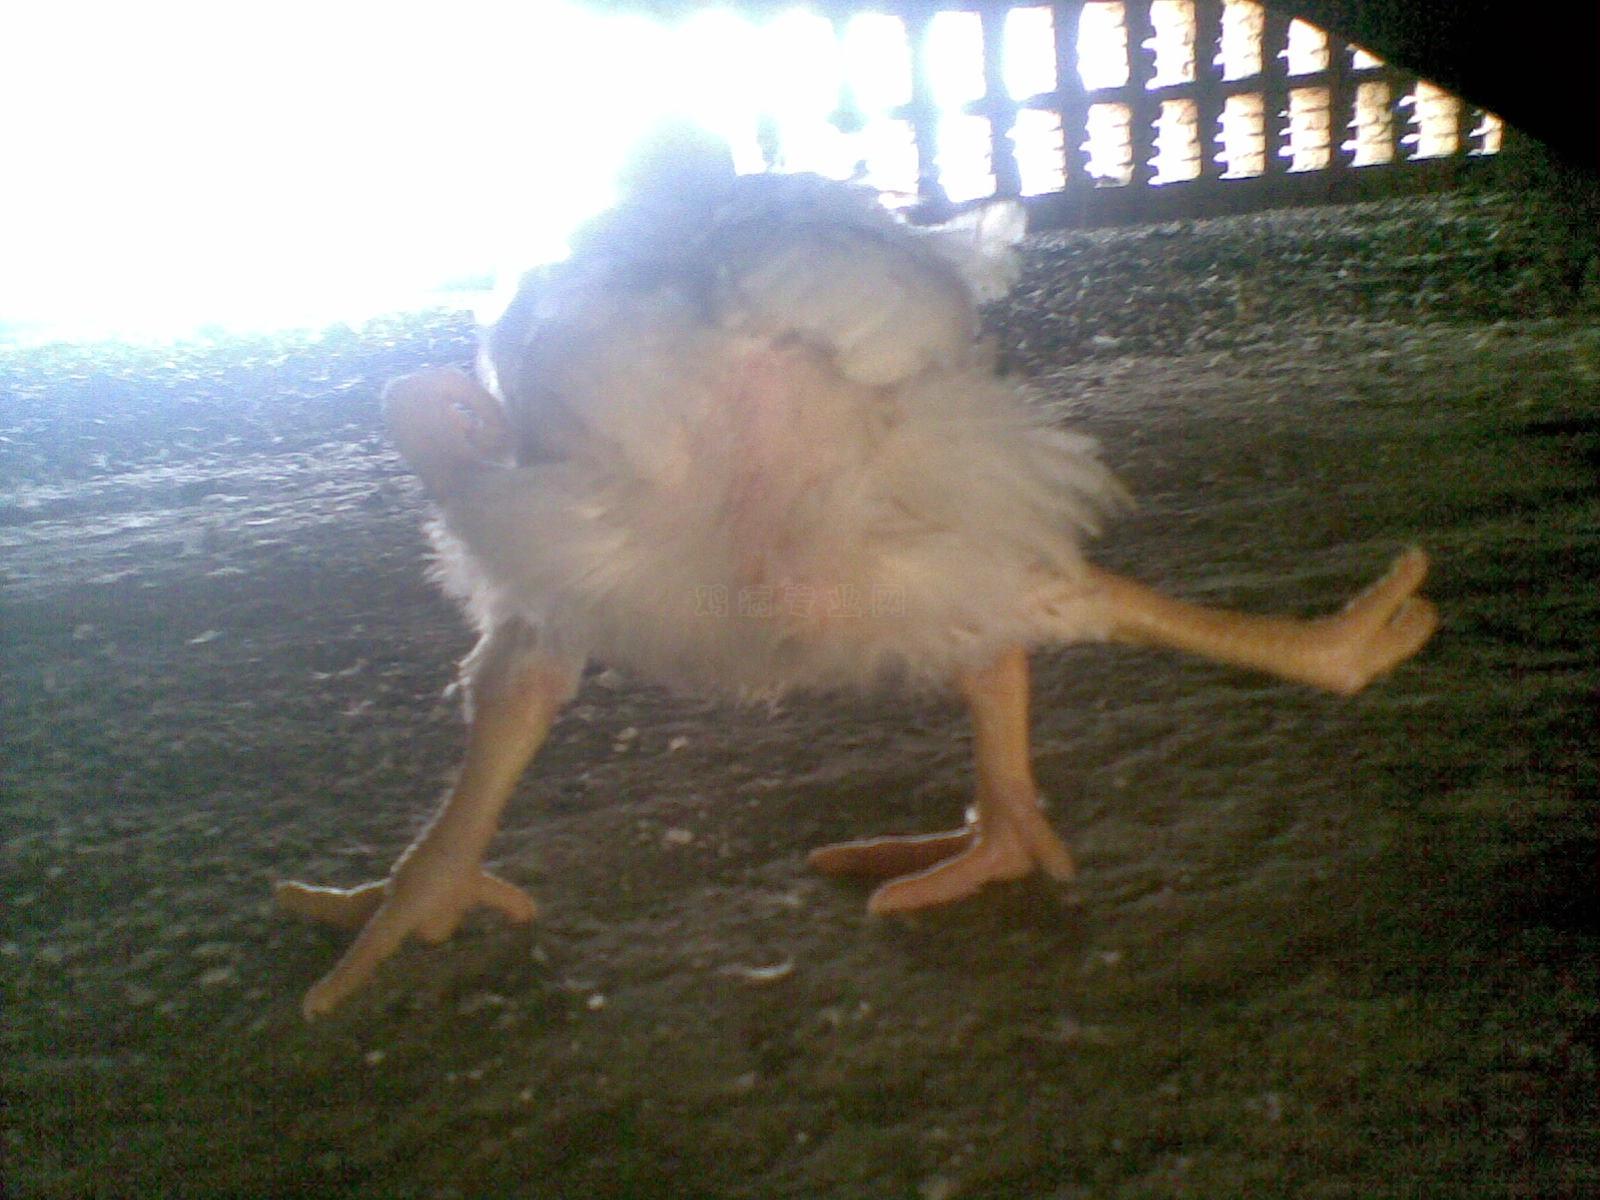 看四条腿的鸡